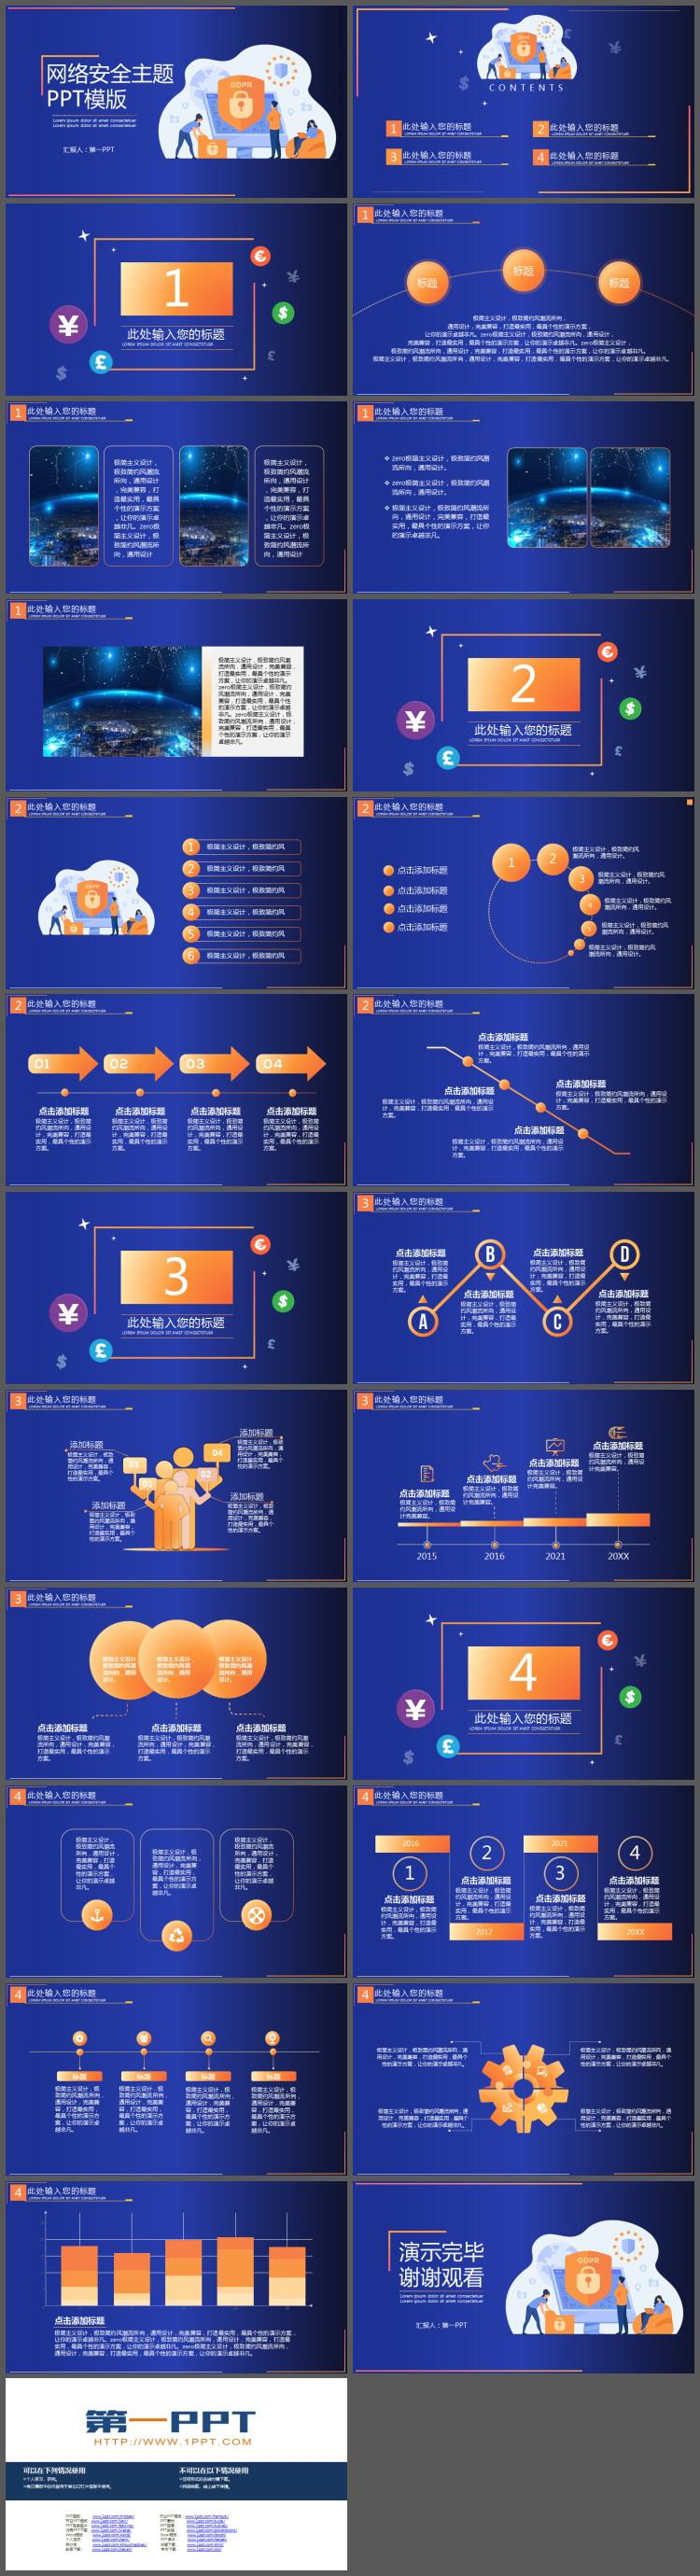 蓝橙扁平化网络安全主题PPT模板